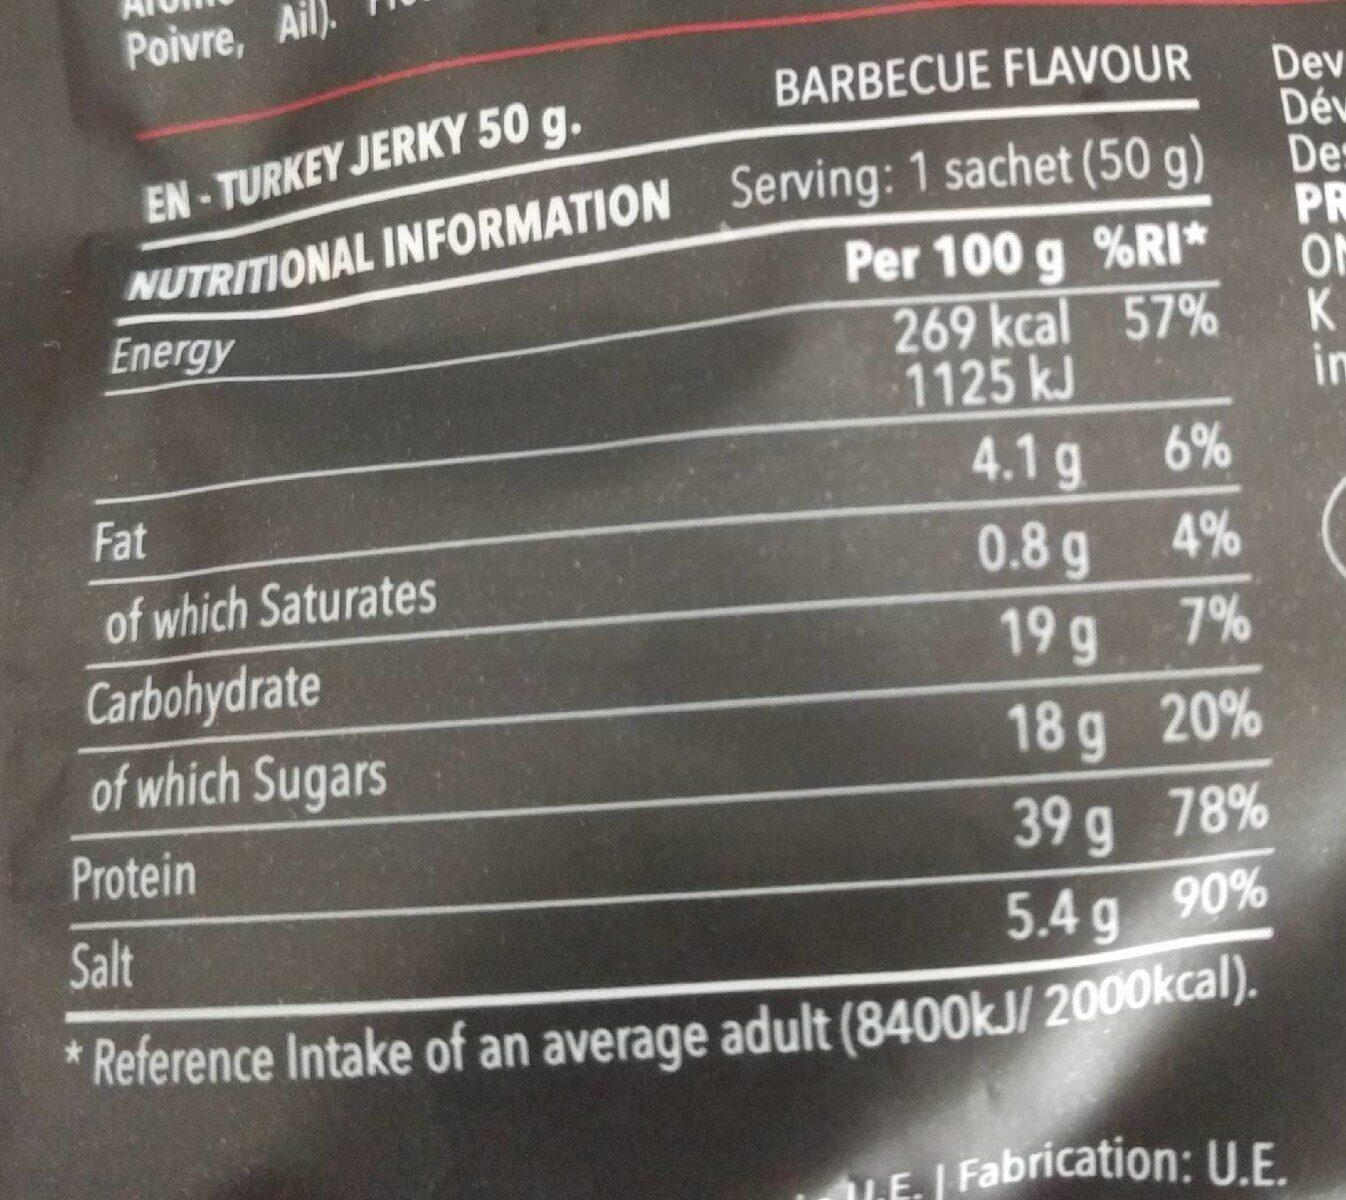 Tukey jerky barbecue flavour - Información nutricional